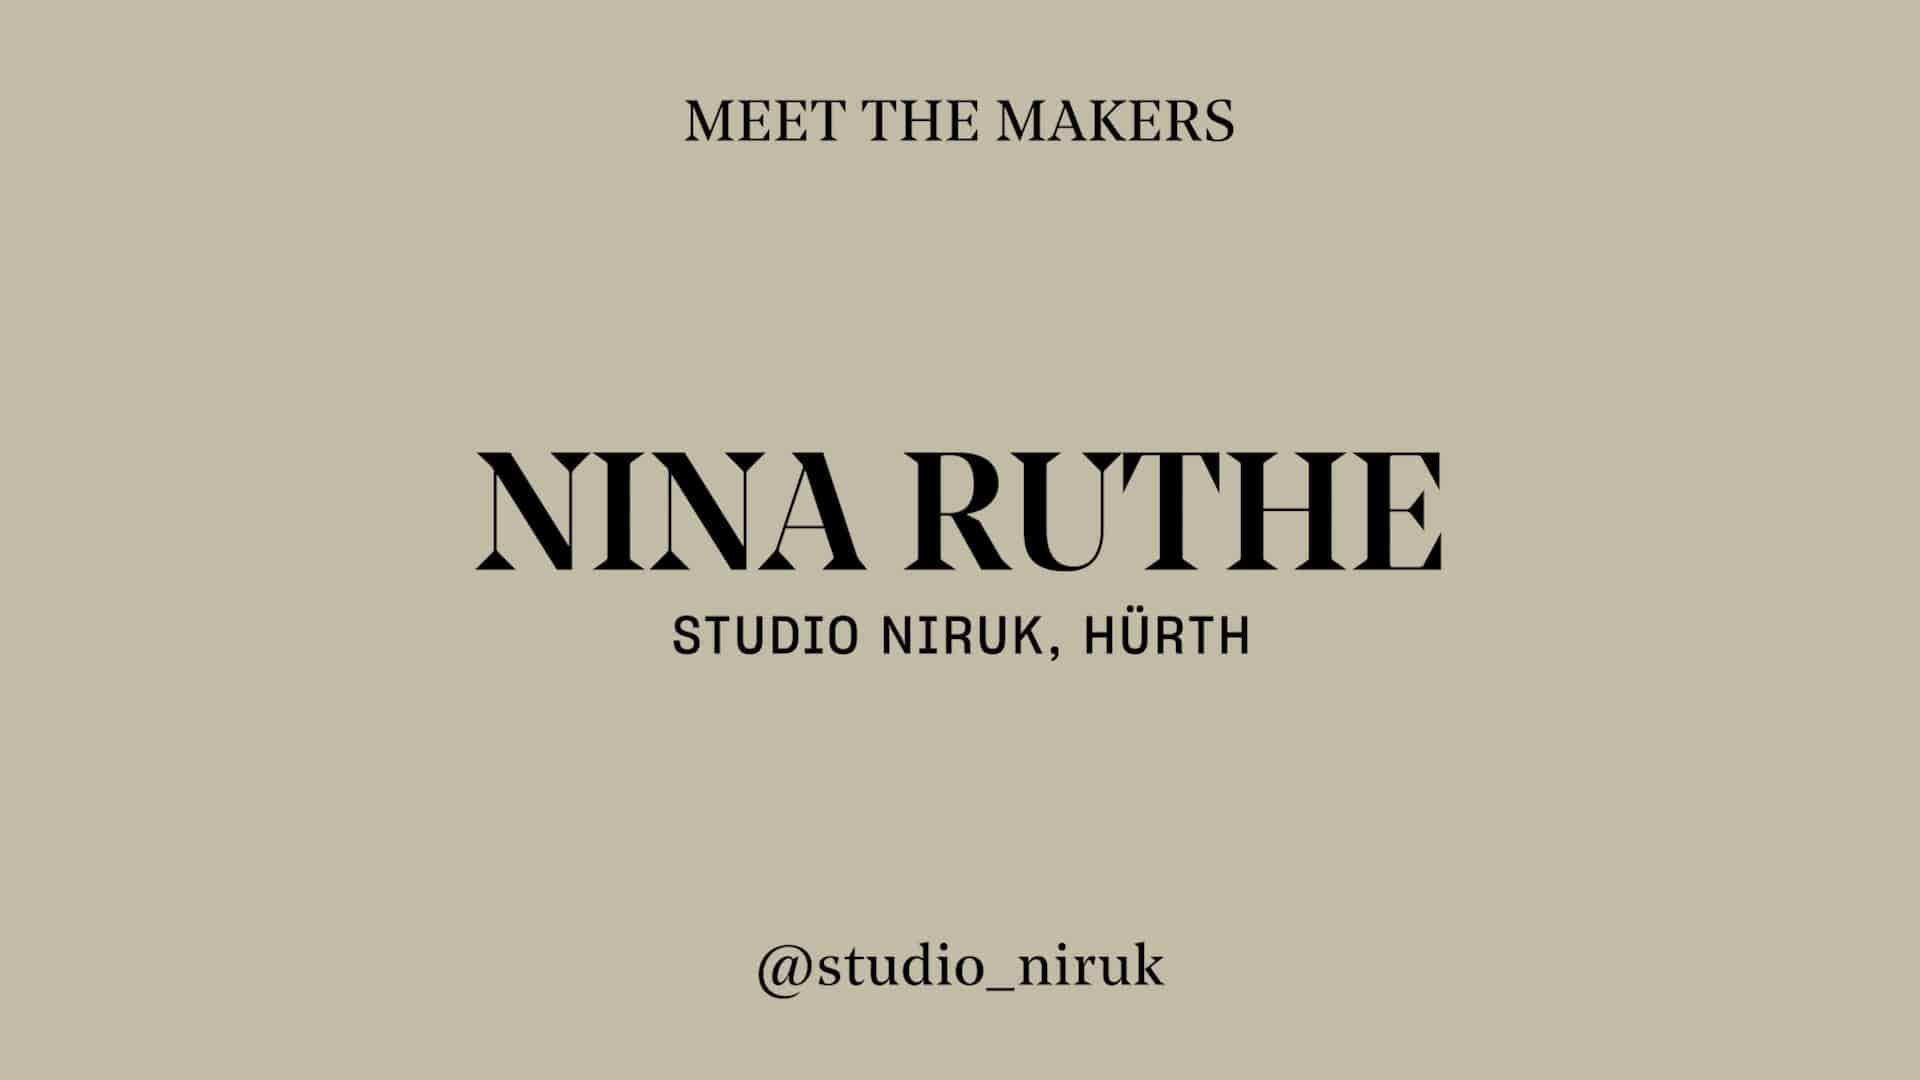 Nina Ruthe Studio Niruk